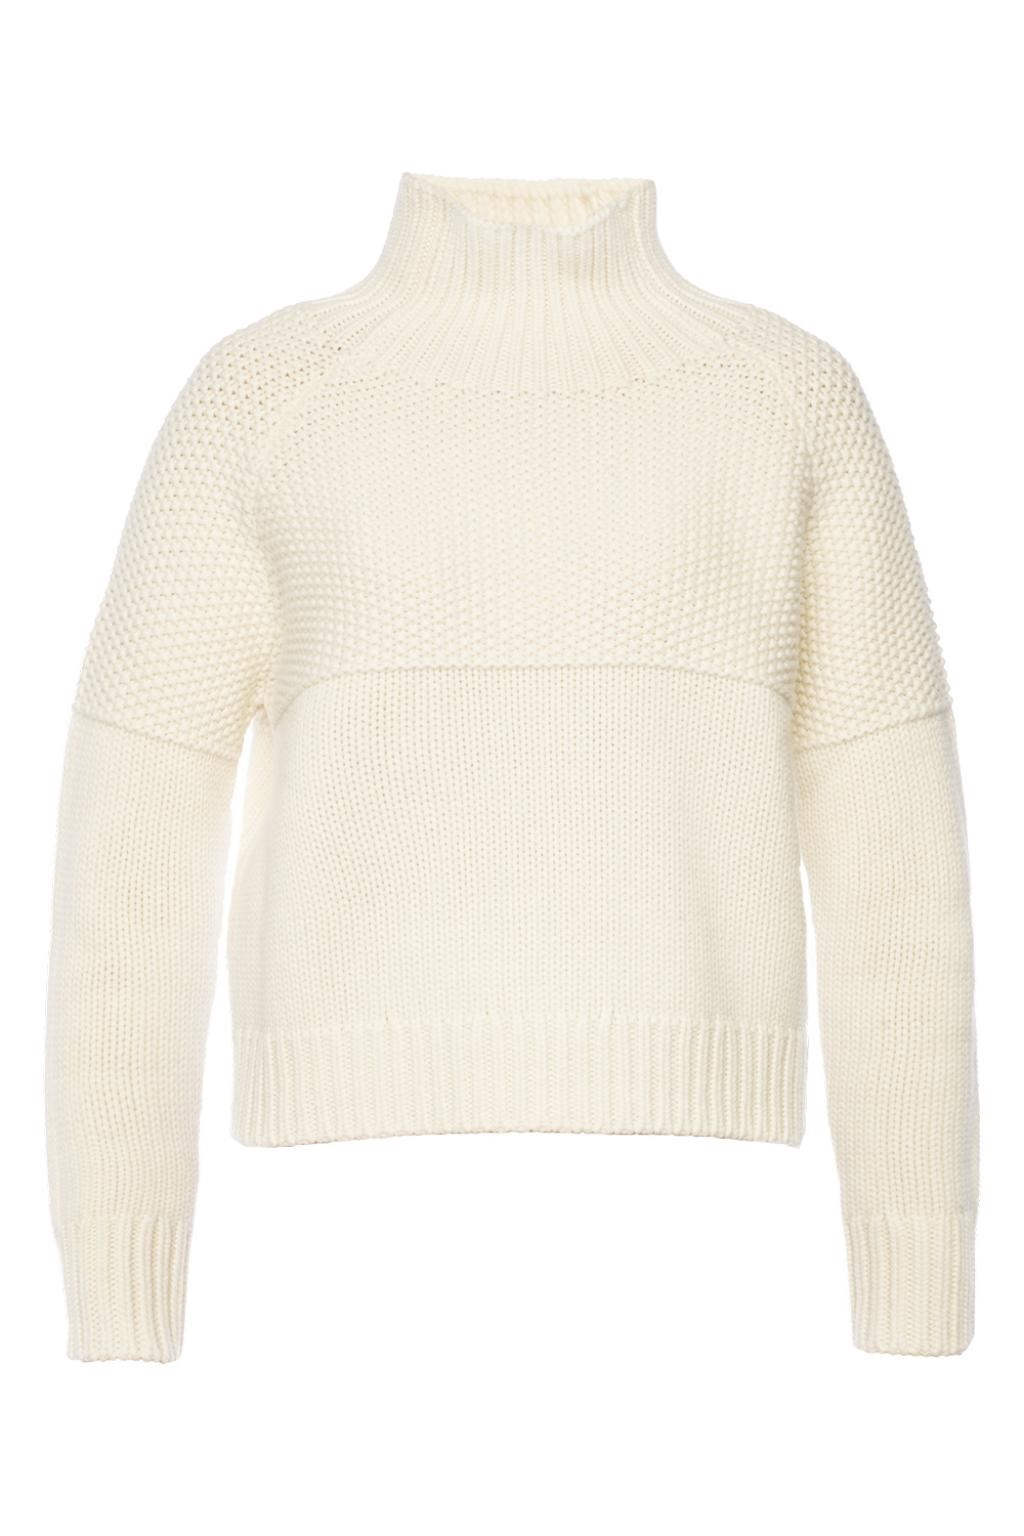 Burberry Dawson Cashmere Jumper In White